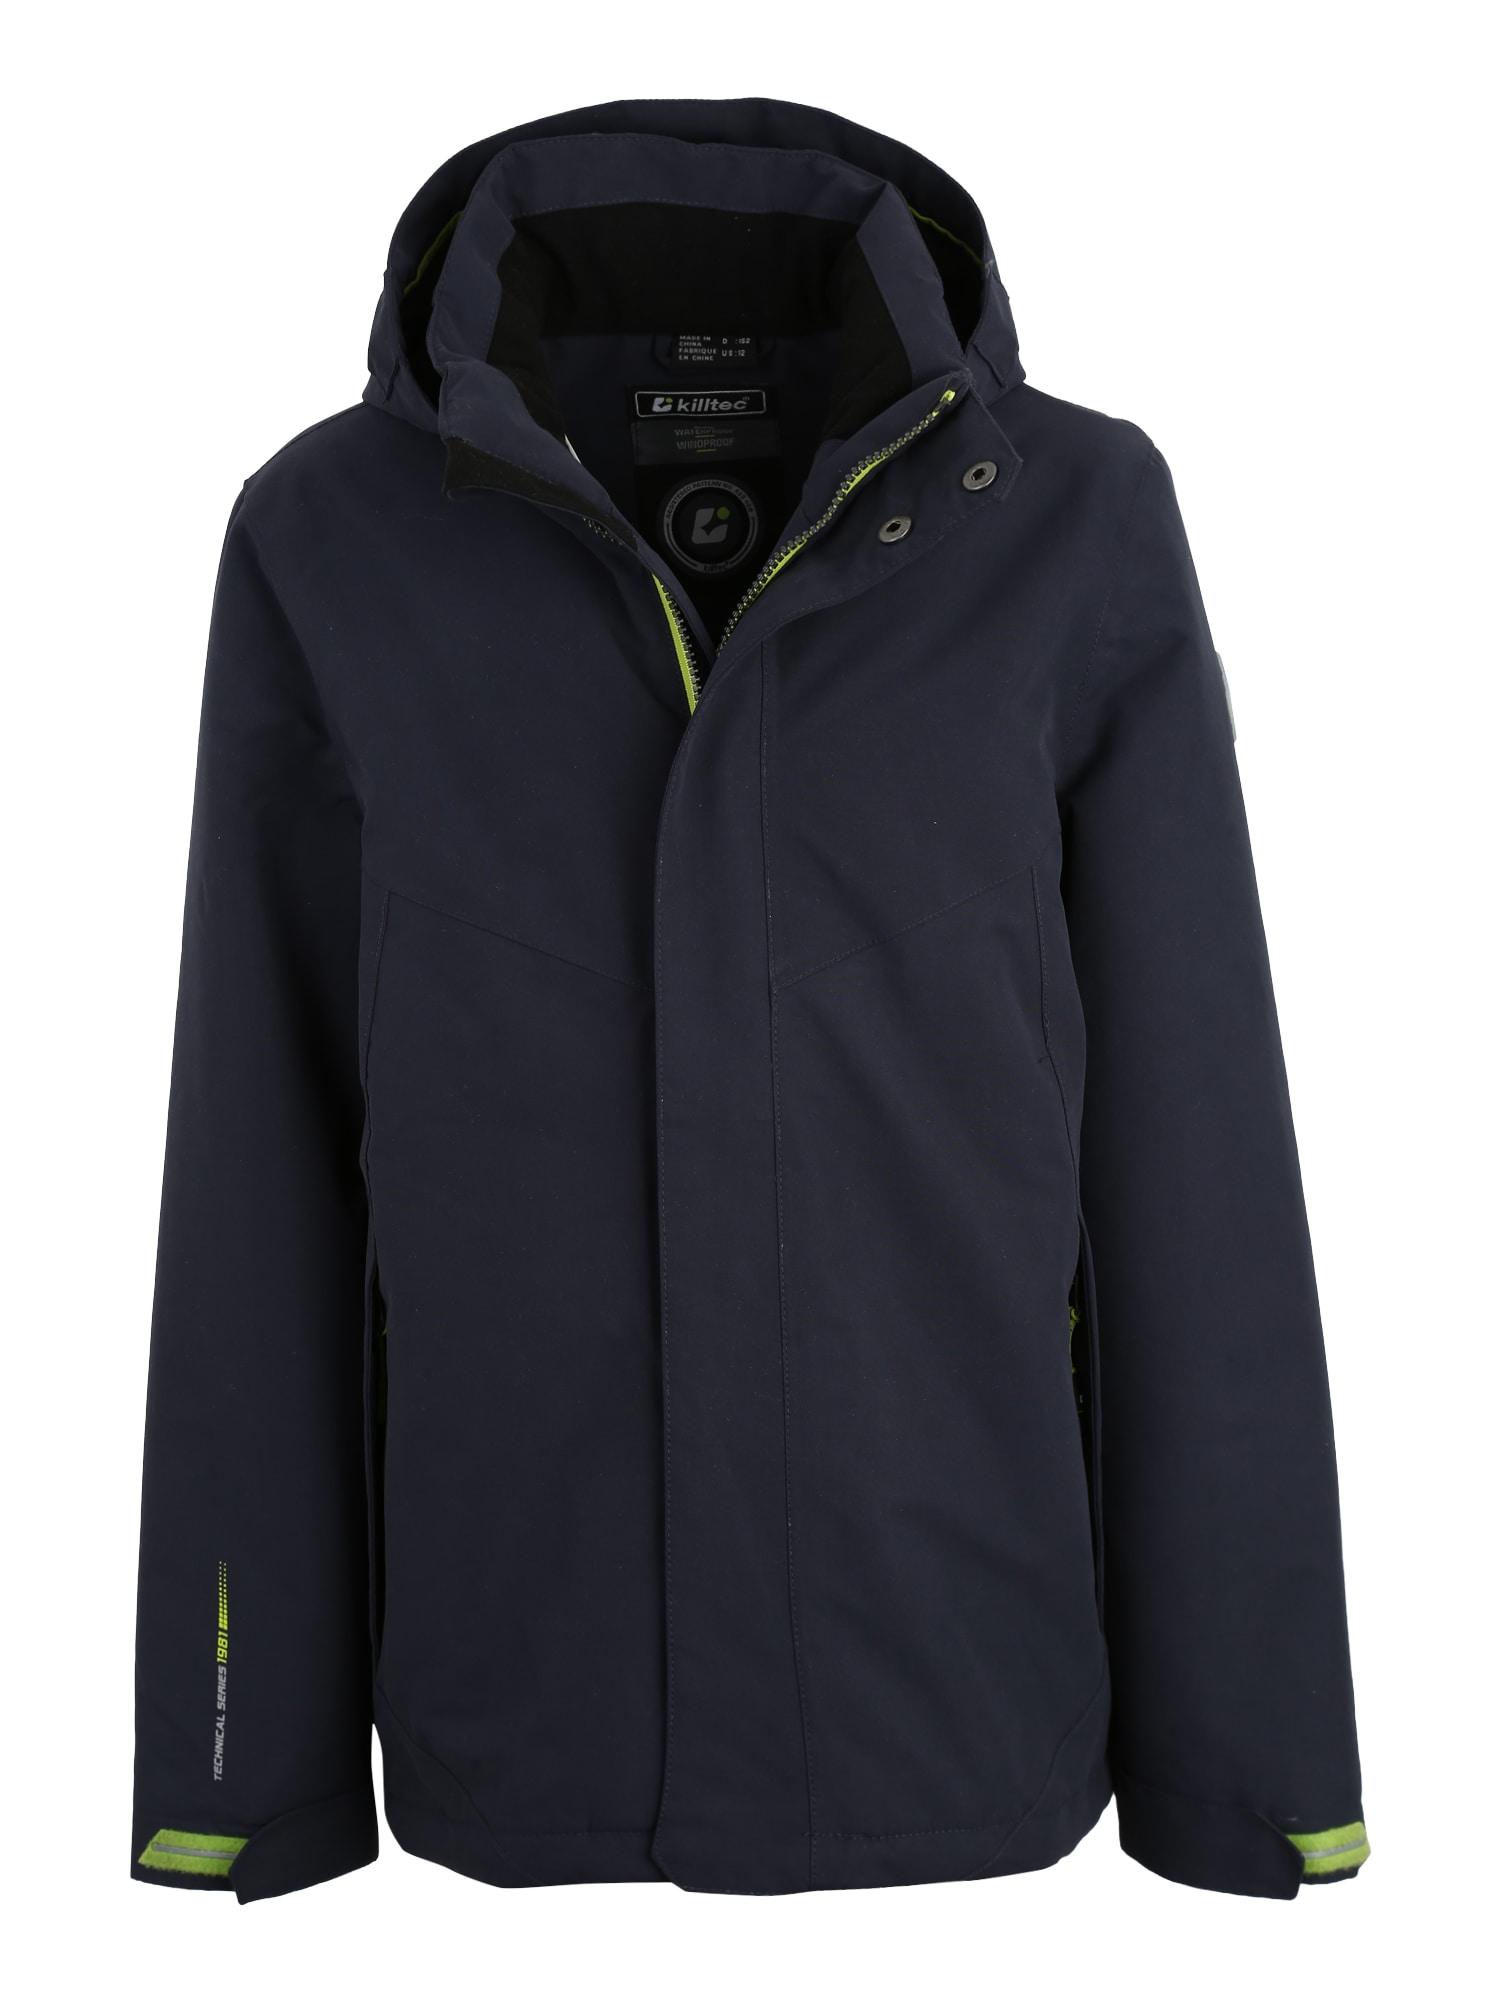 Outdoorová bunda Nairo námořnická modř KILLTEC